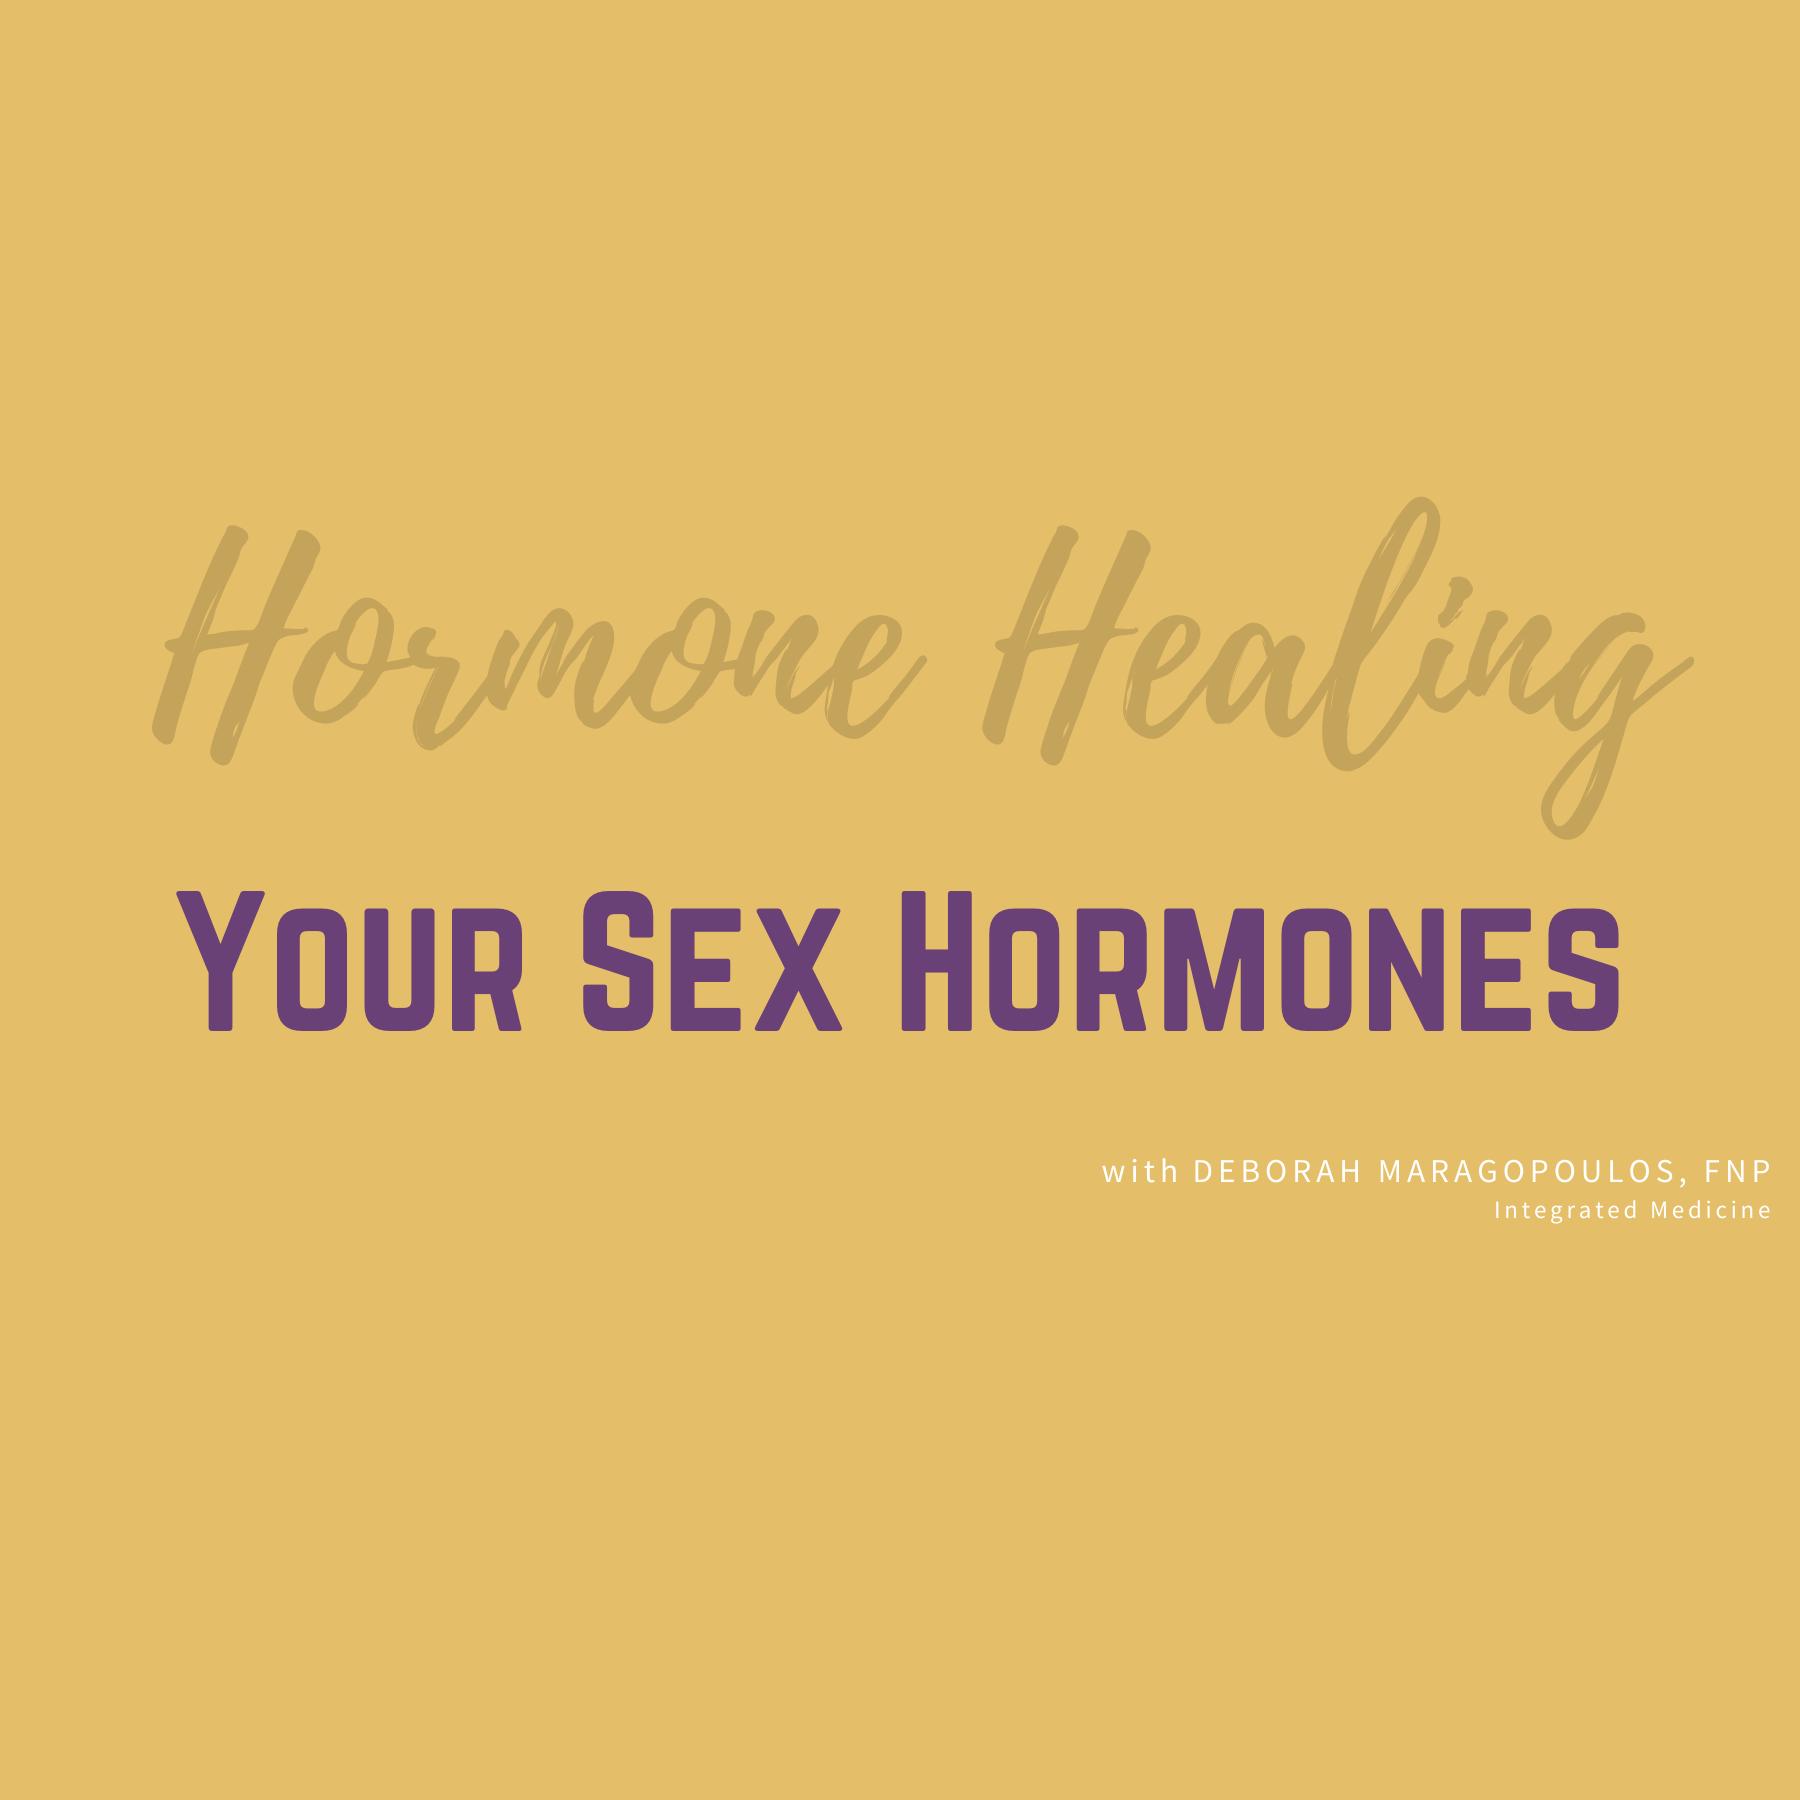 your sex hormones tumbnail